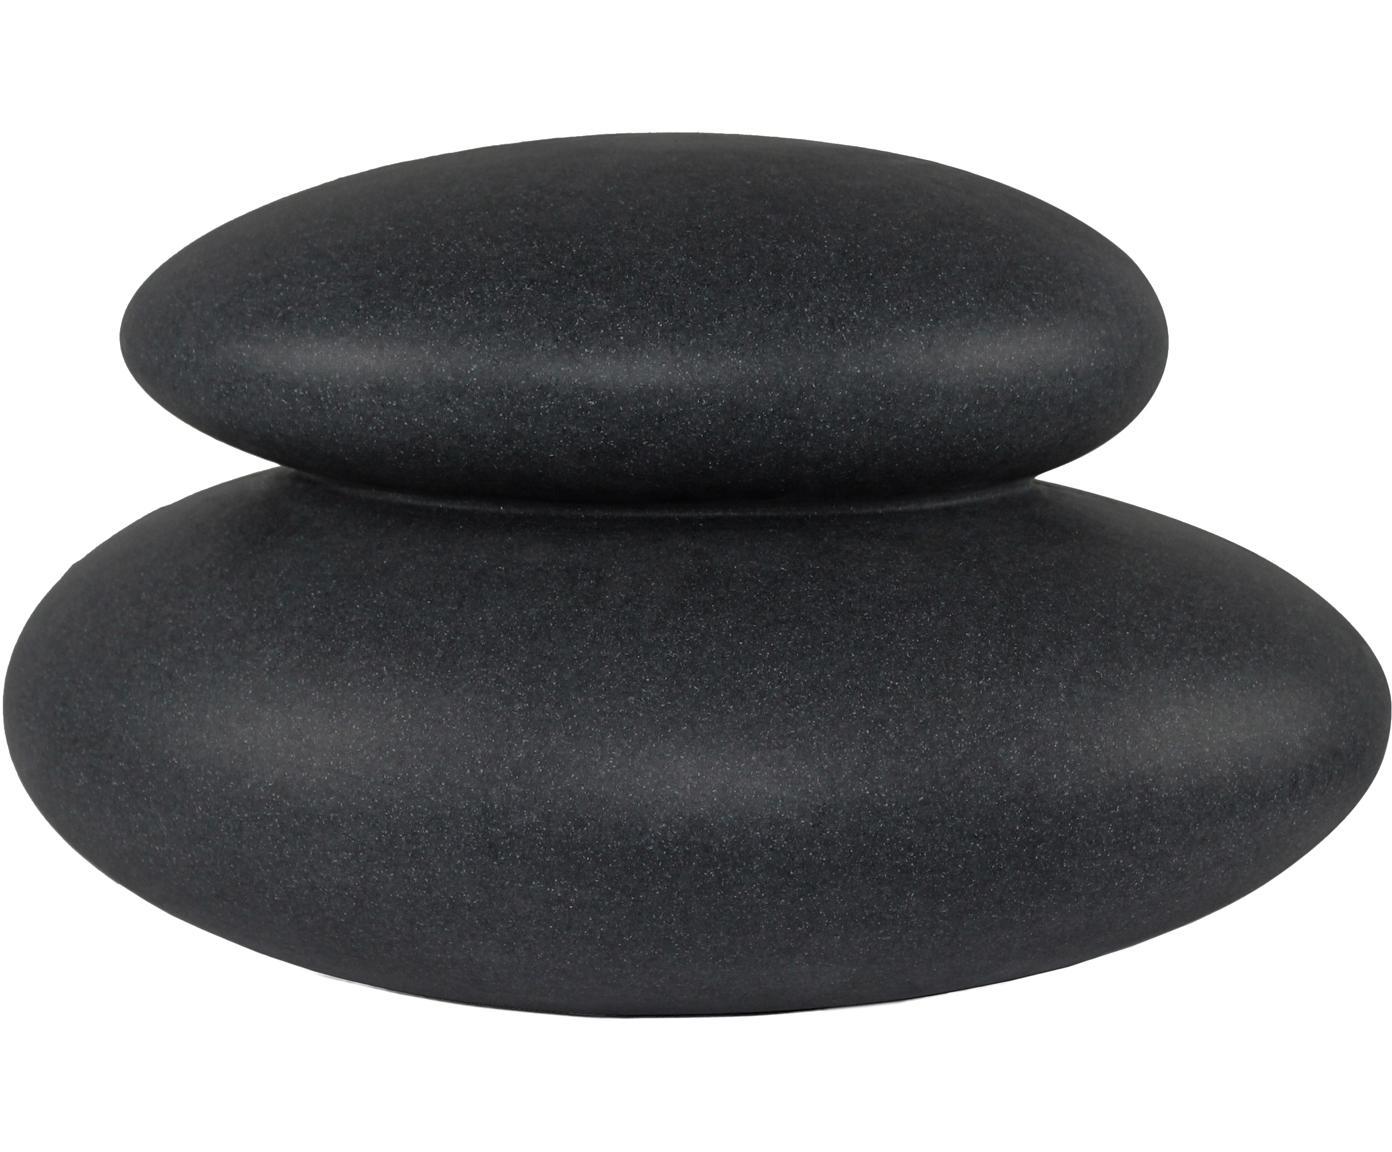 Zewnętrzna mobilna lampa Shining  Stone, Tworzywo sztuczne, Antracytowy, S 39 x W 22 cm